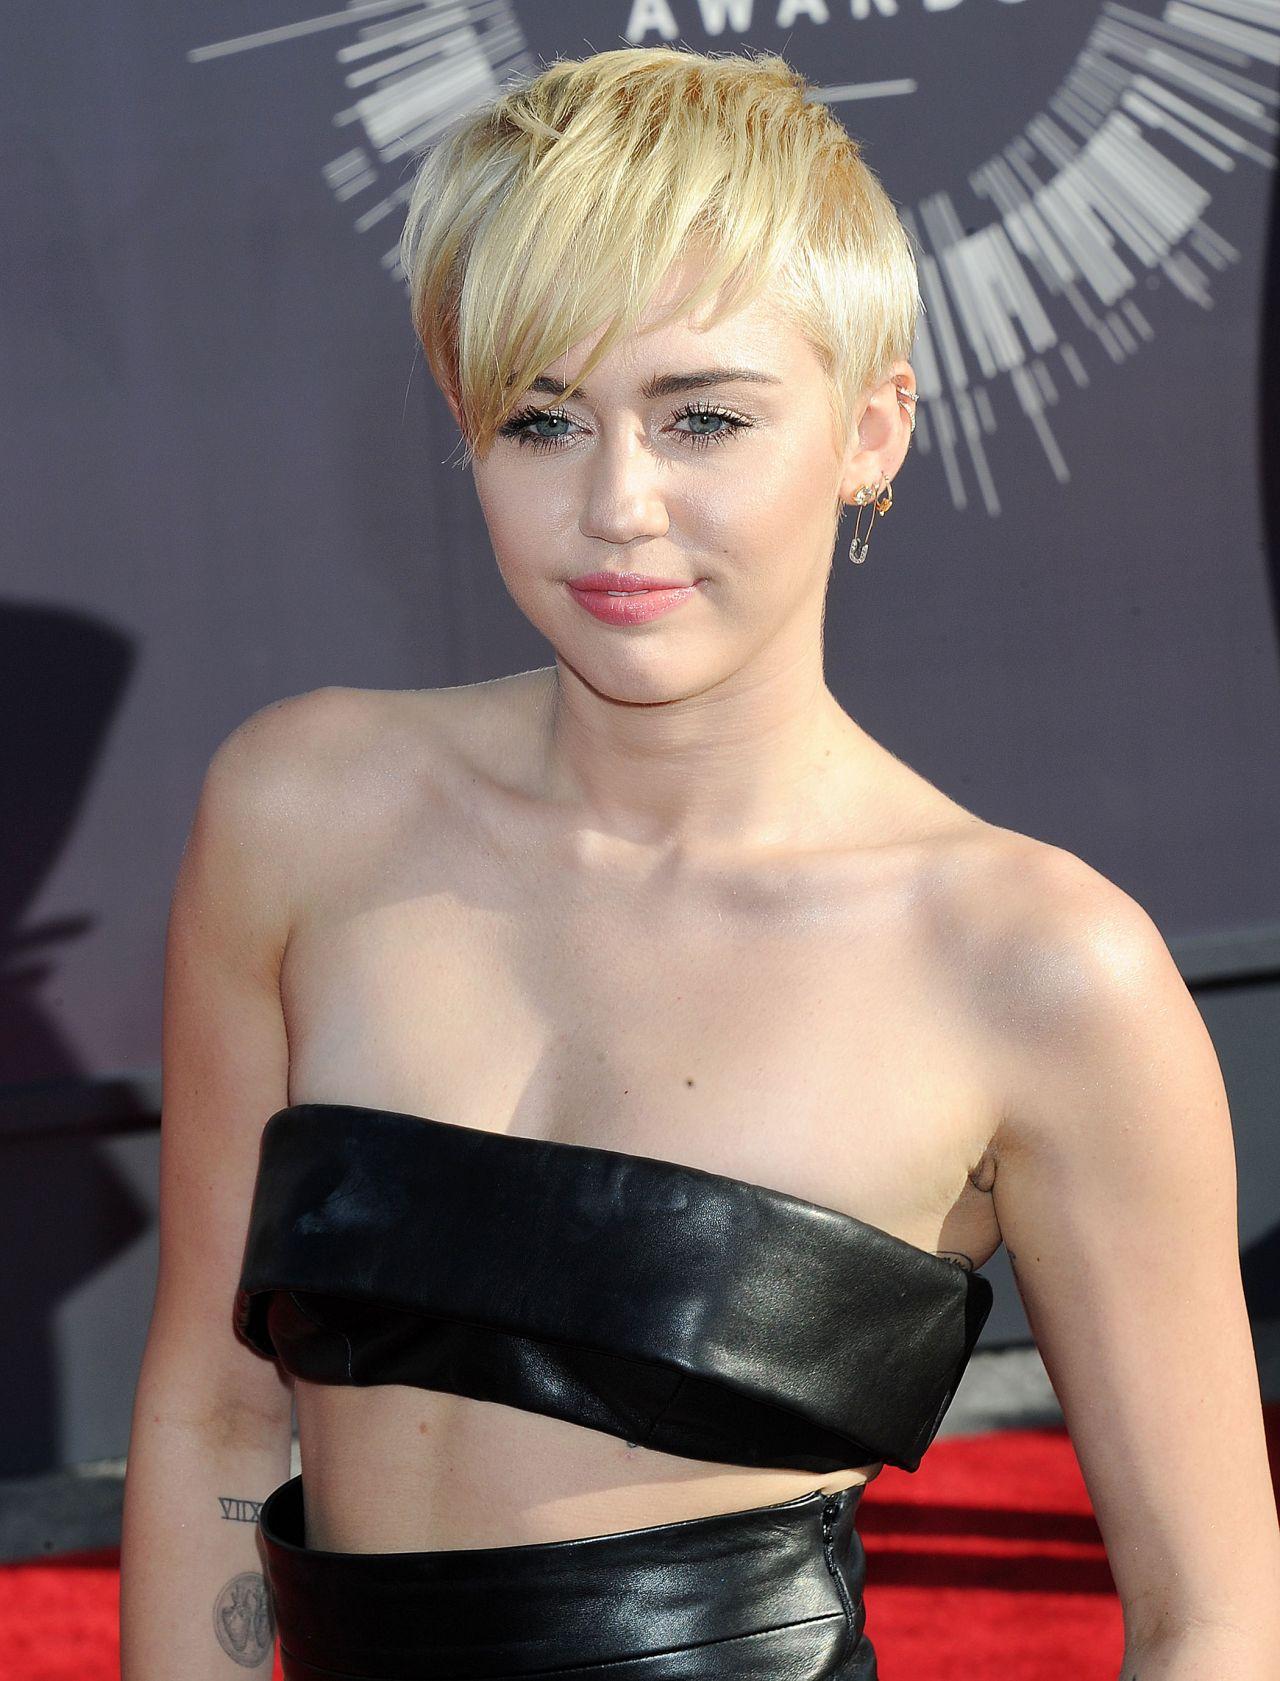 Miley Cyrus Vma Nude Pics